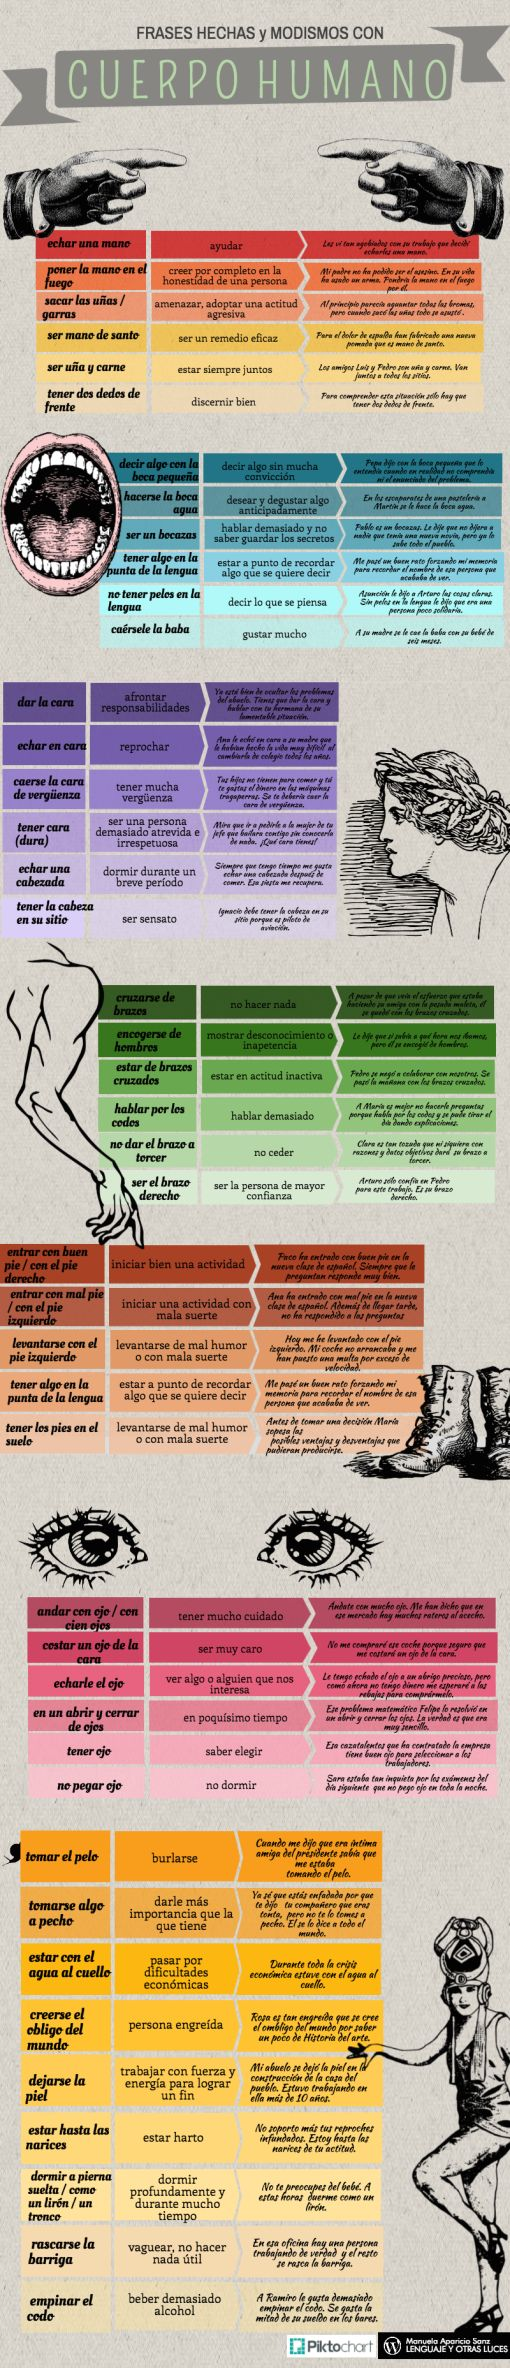 frases hechas y modismos con partes del cuerpo. lenguajeyotrasluces.wordpress.com